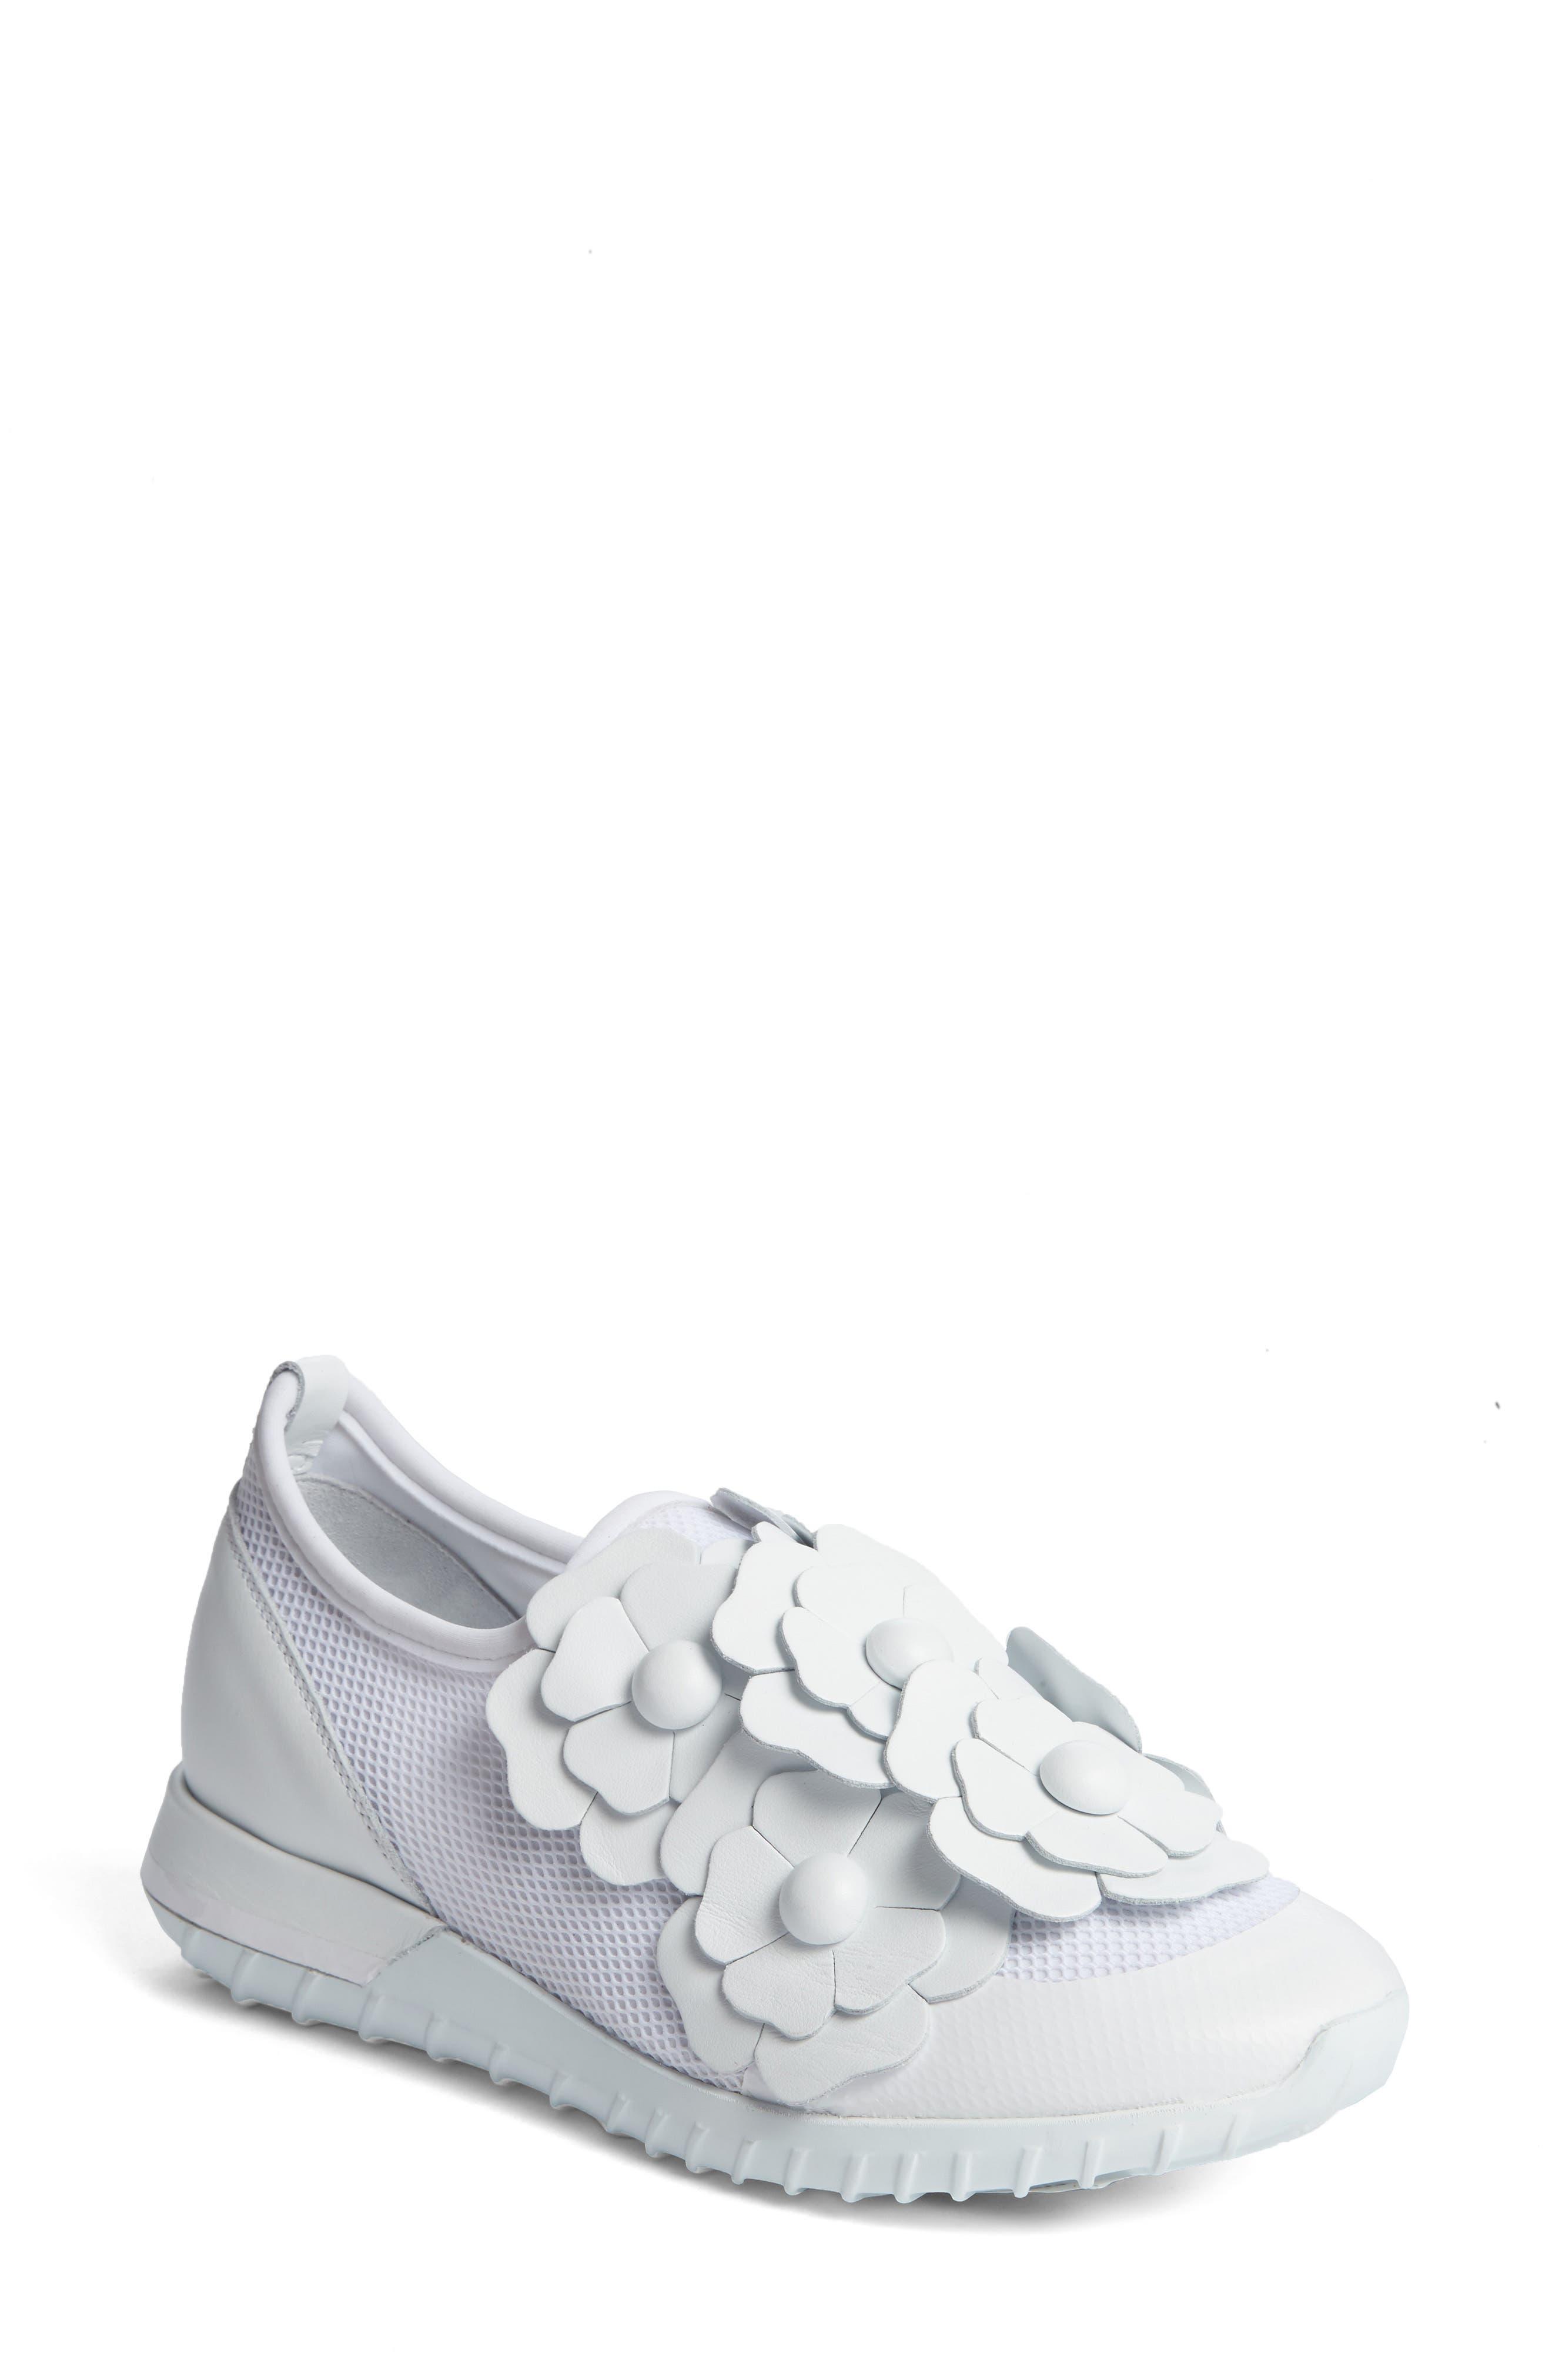 Emy Roseline Slip-On Sneaker,                         Main,                         color,